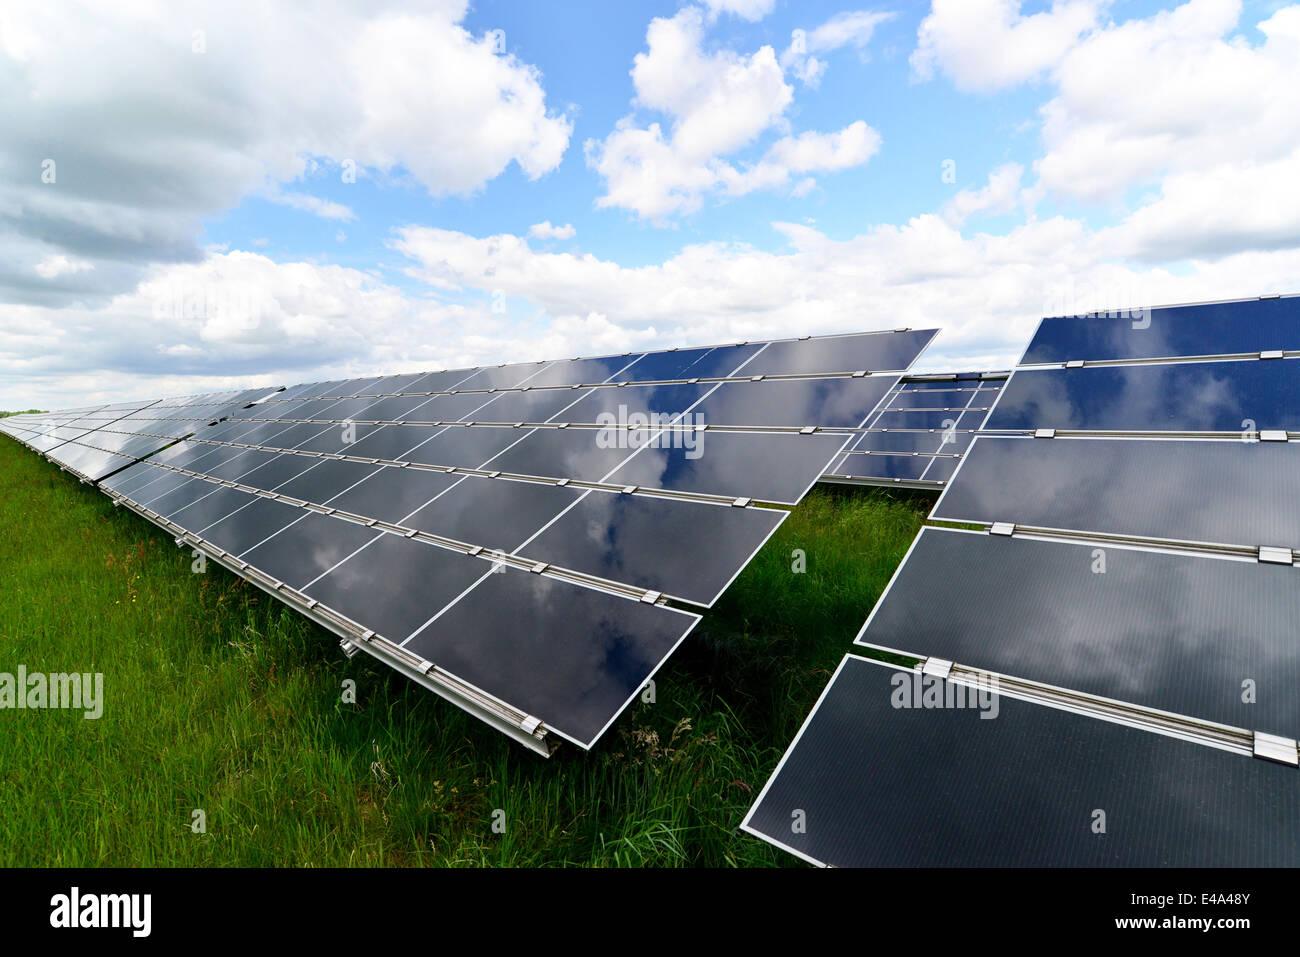 Alemania, con células fotoeléctricas de planta de energía solar Imagen De Stock